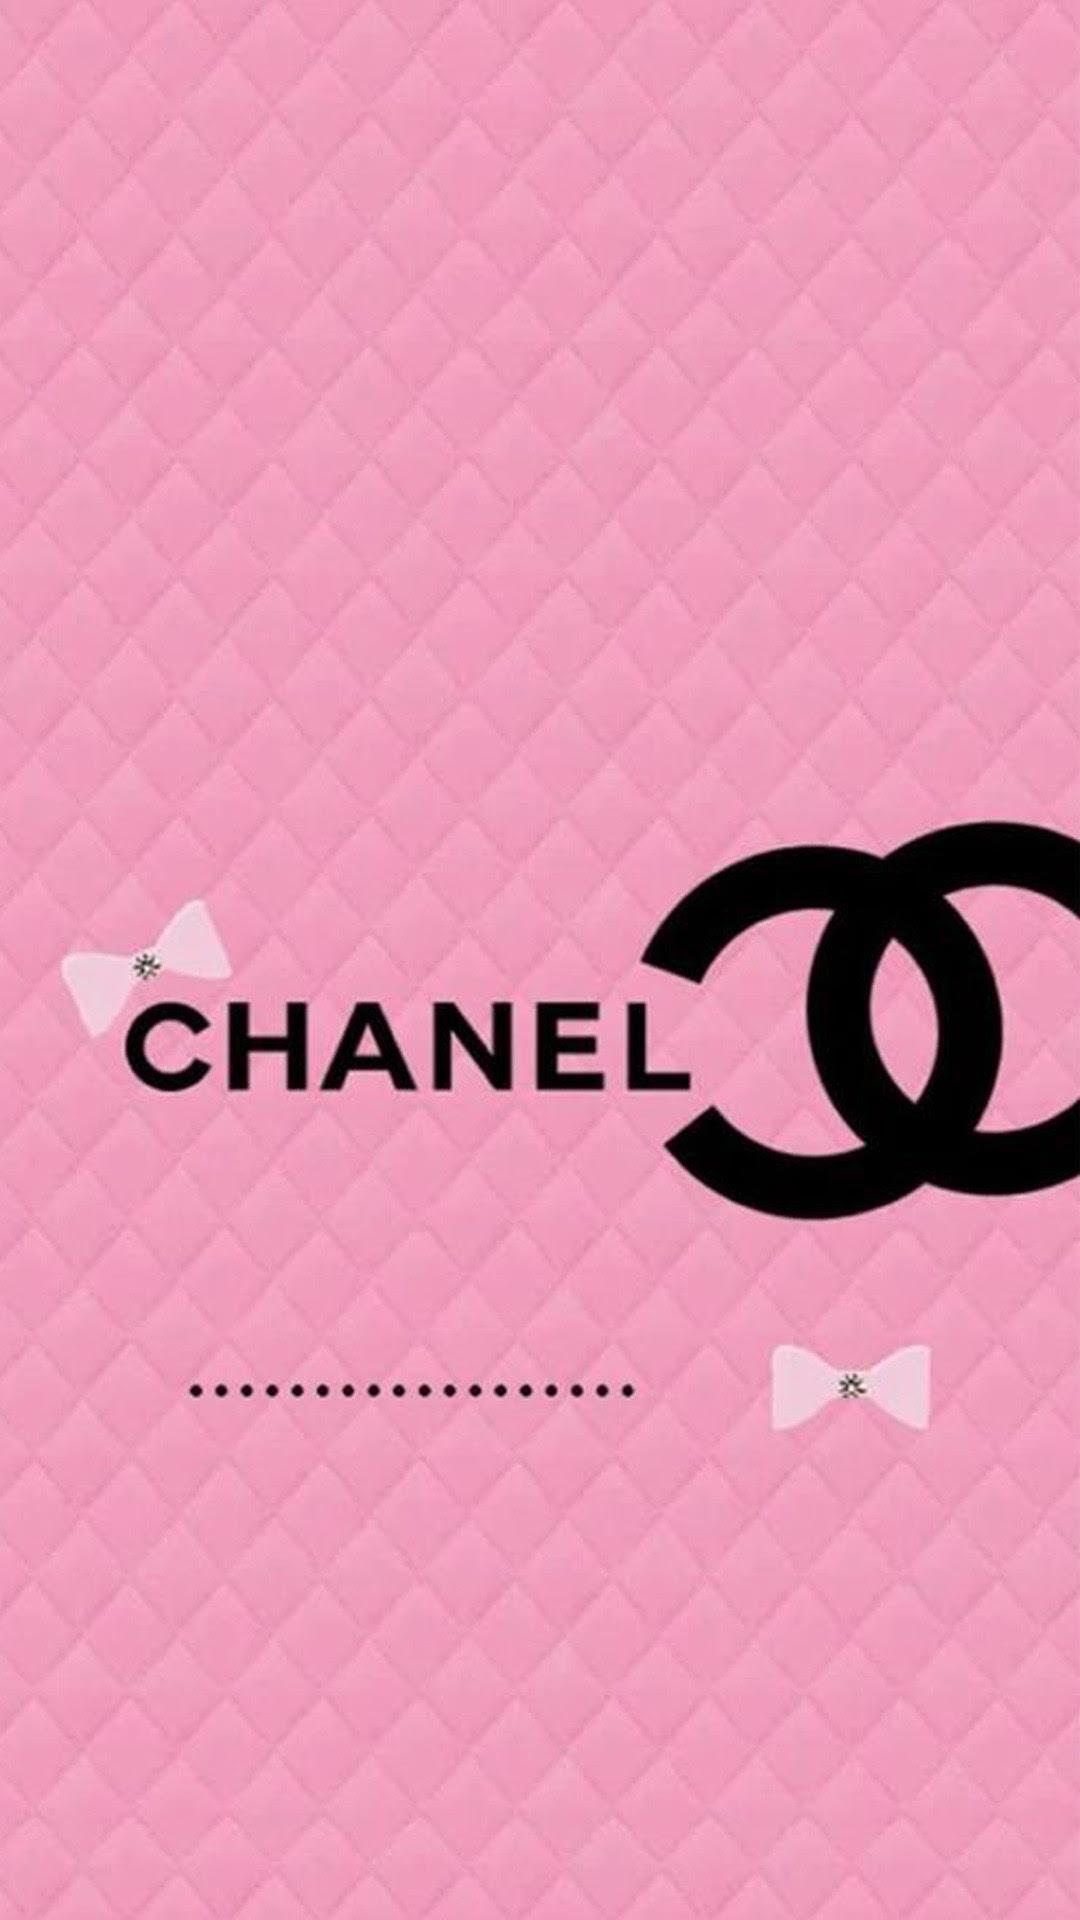 ブランド 壁紙 Chanel The Art Of Mike Mignola